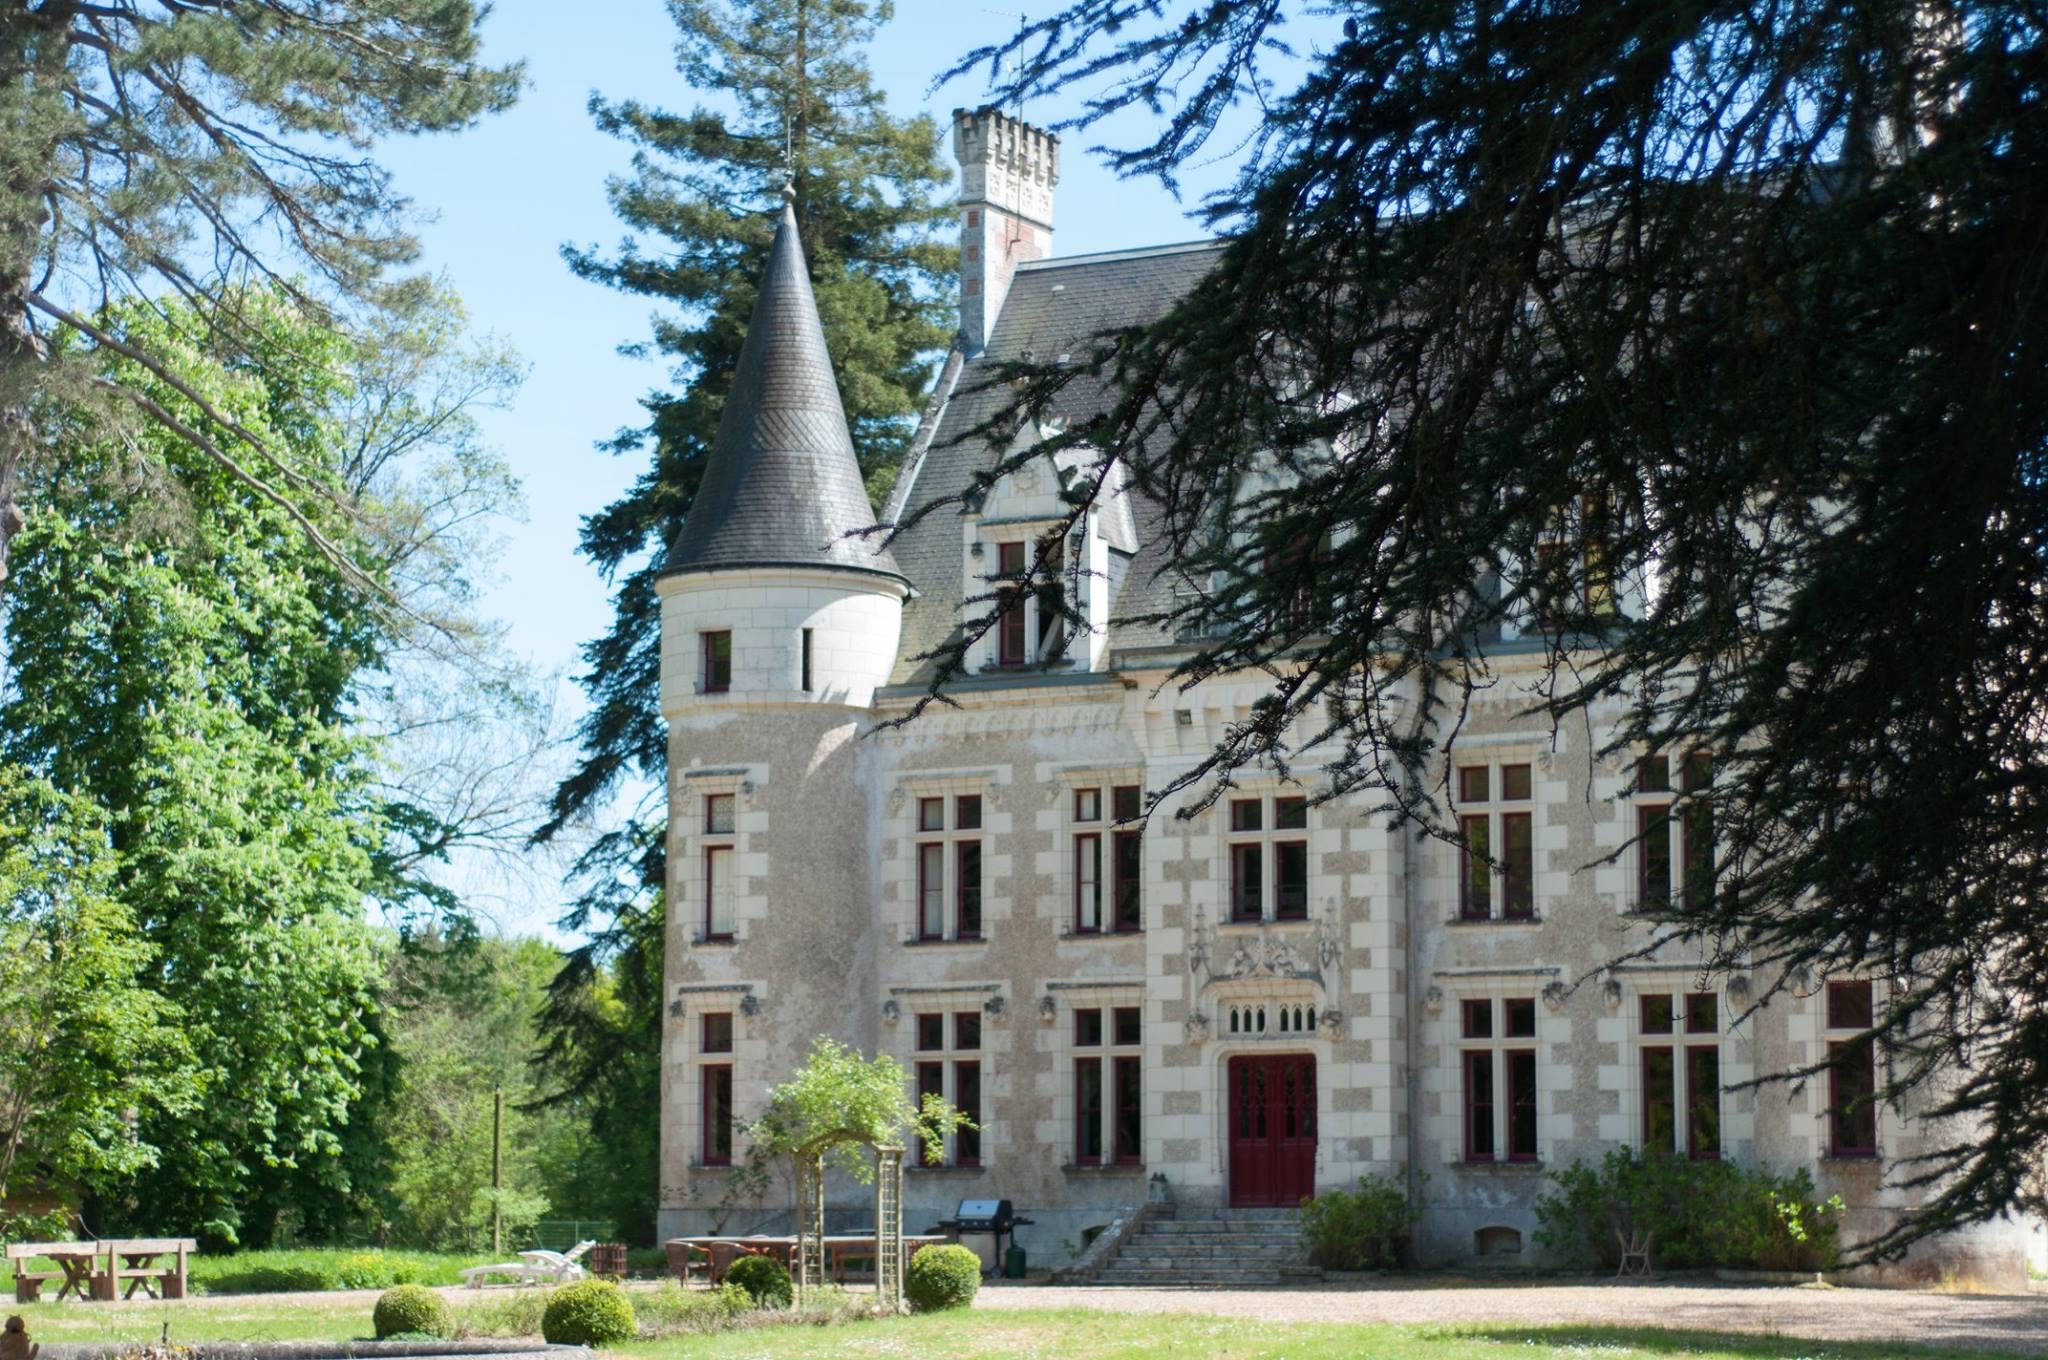 chambres d'hôtes au château du Grand Biard à Céré la Ronde